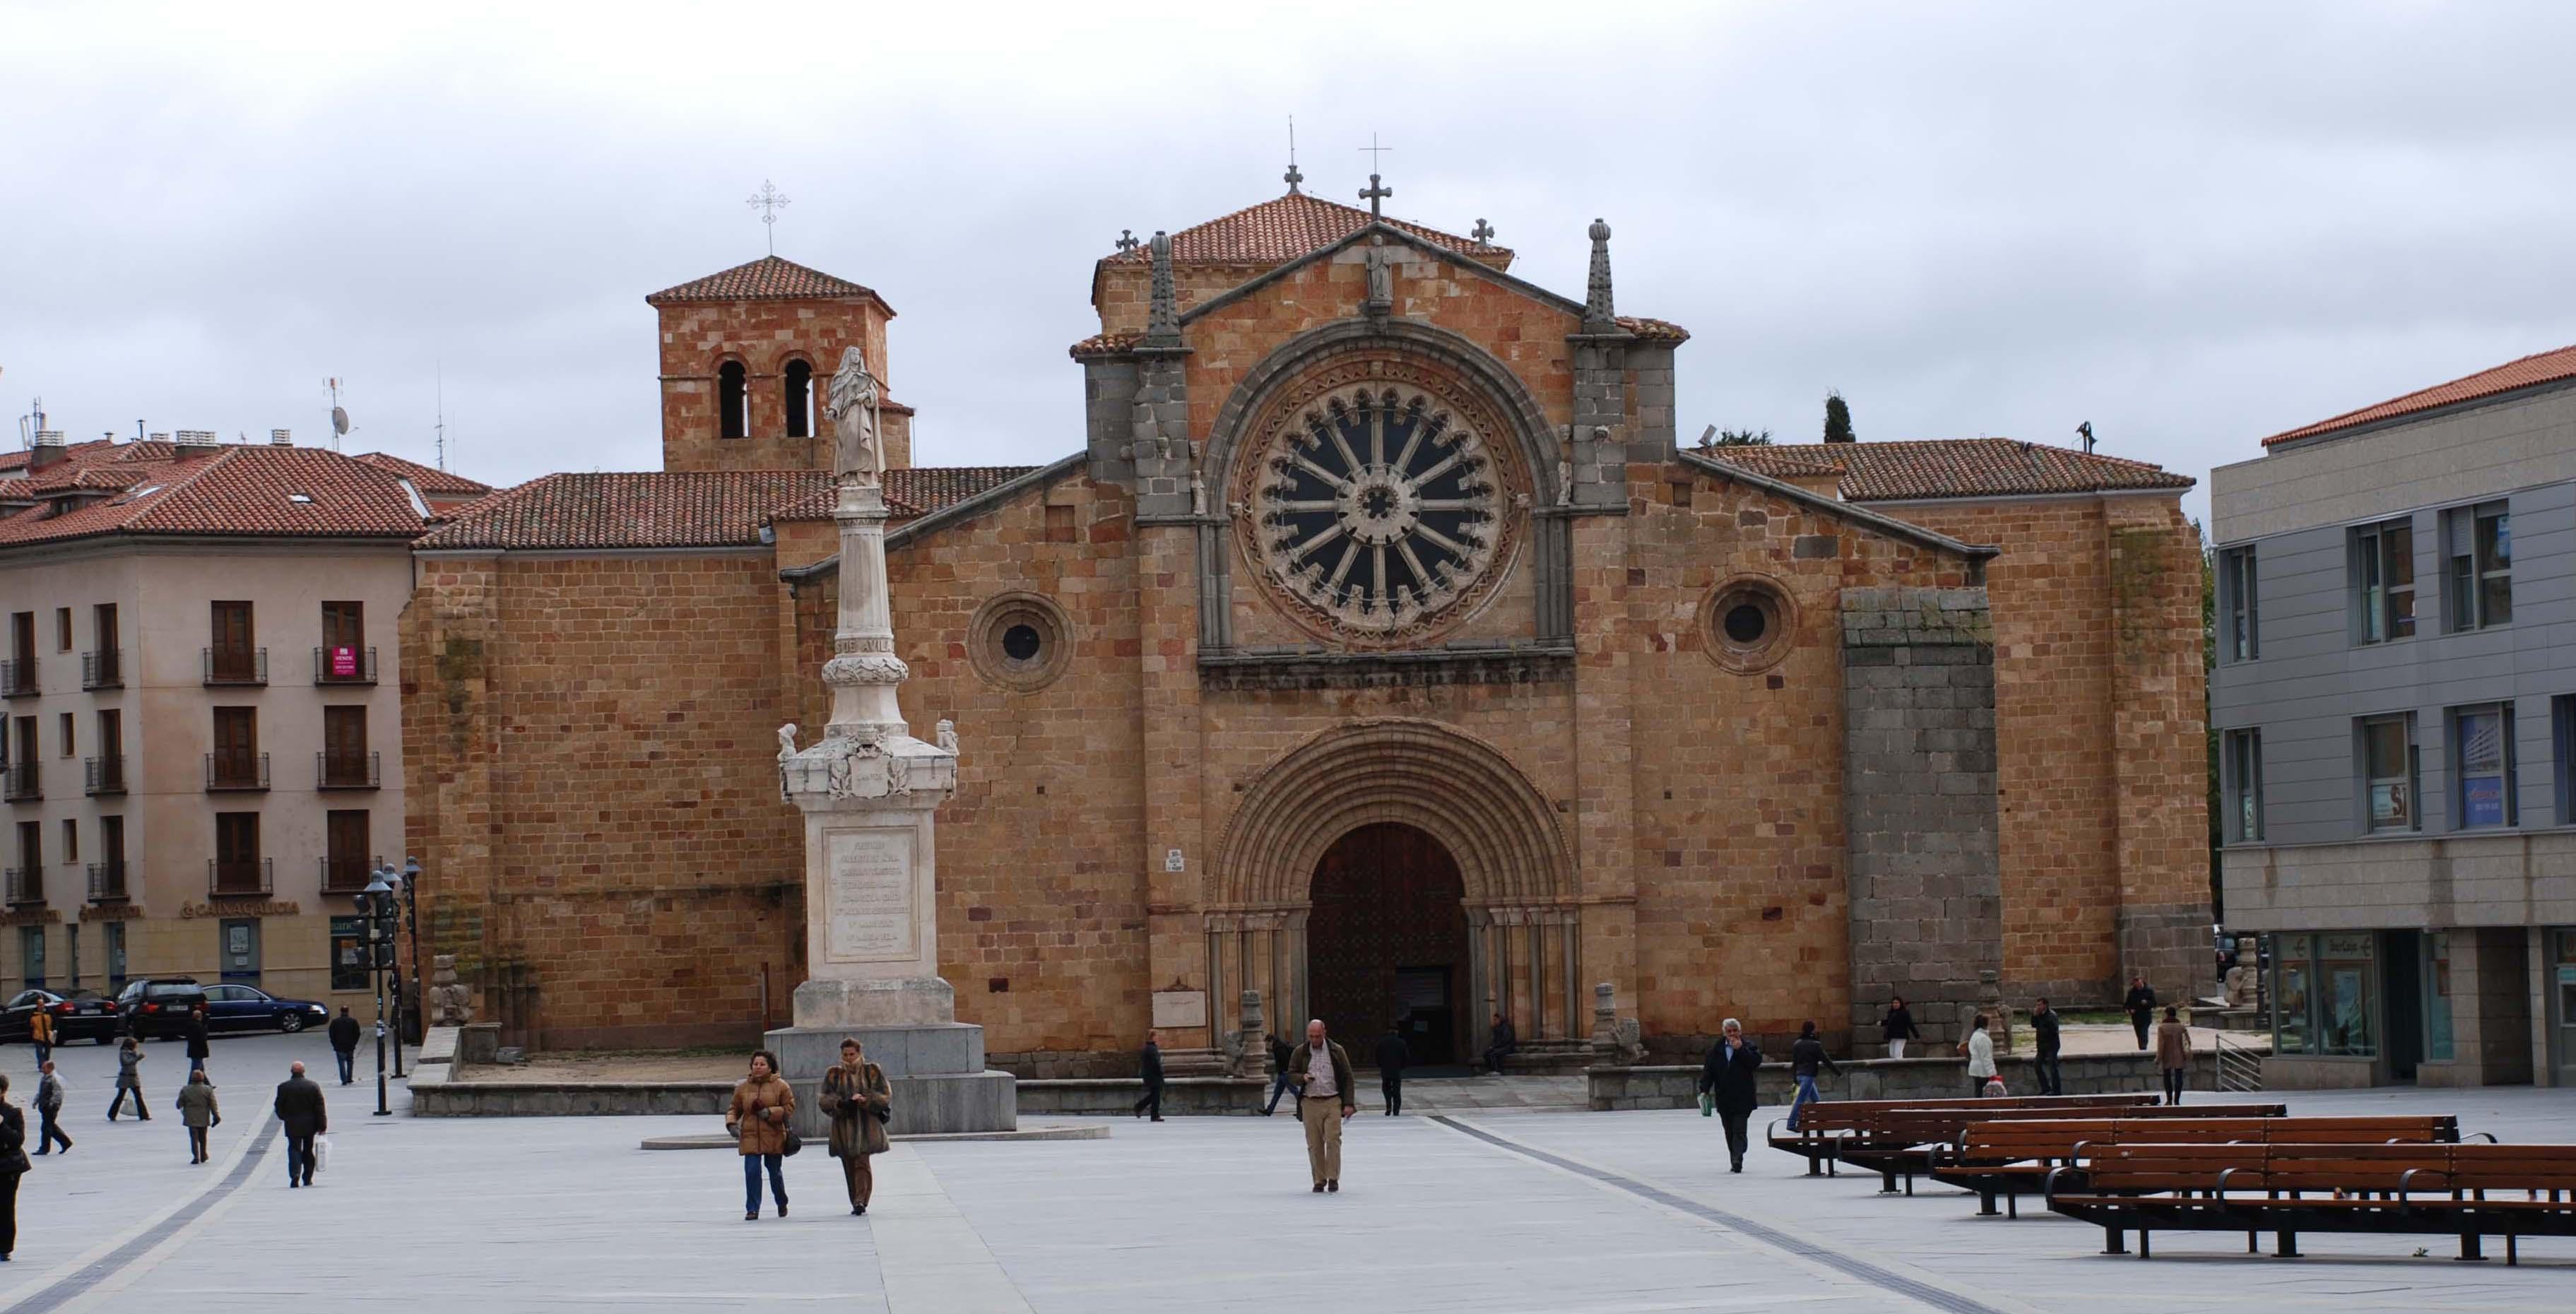 Church of San Pedro in Avila